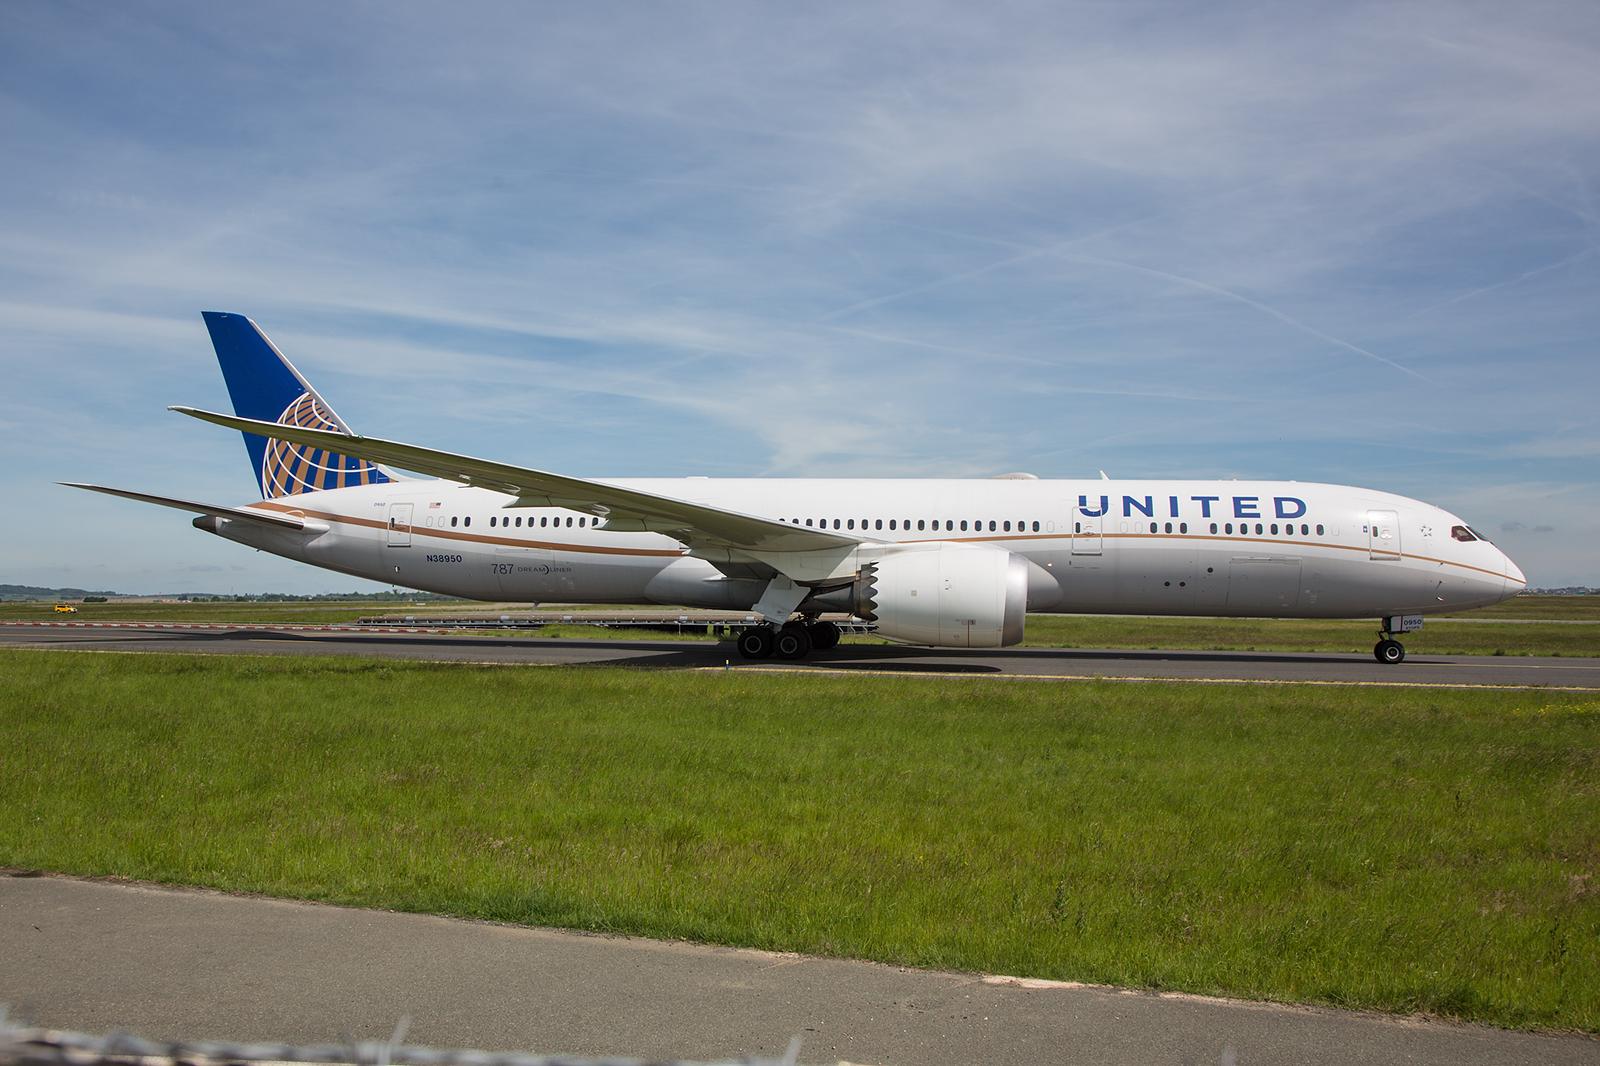 United Airlines mit einem ihrer Dreamliner im Fotopunkt bei Meteo France.